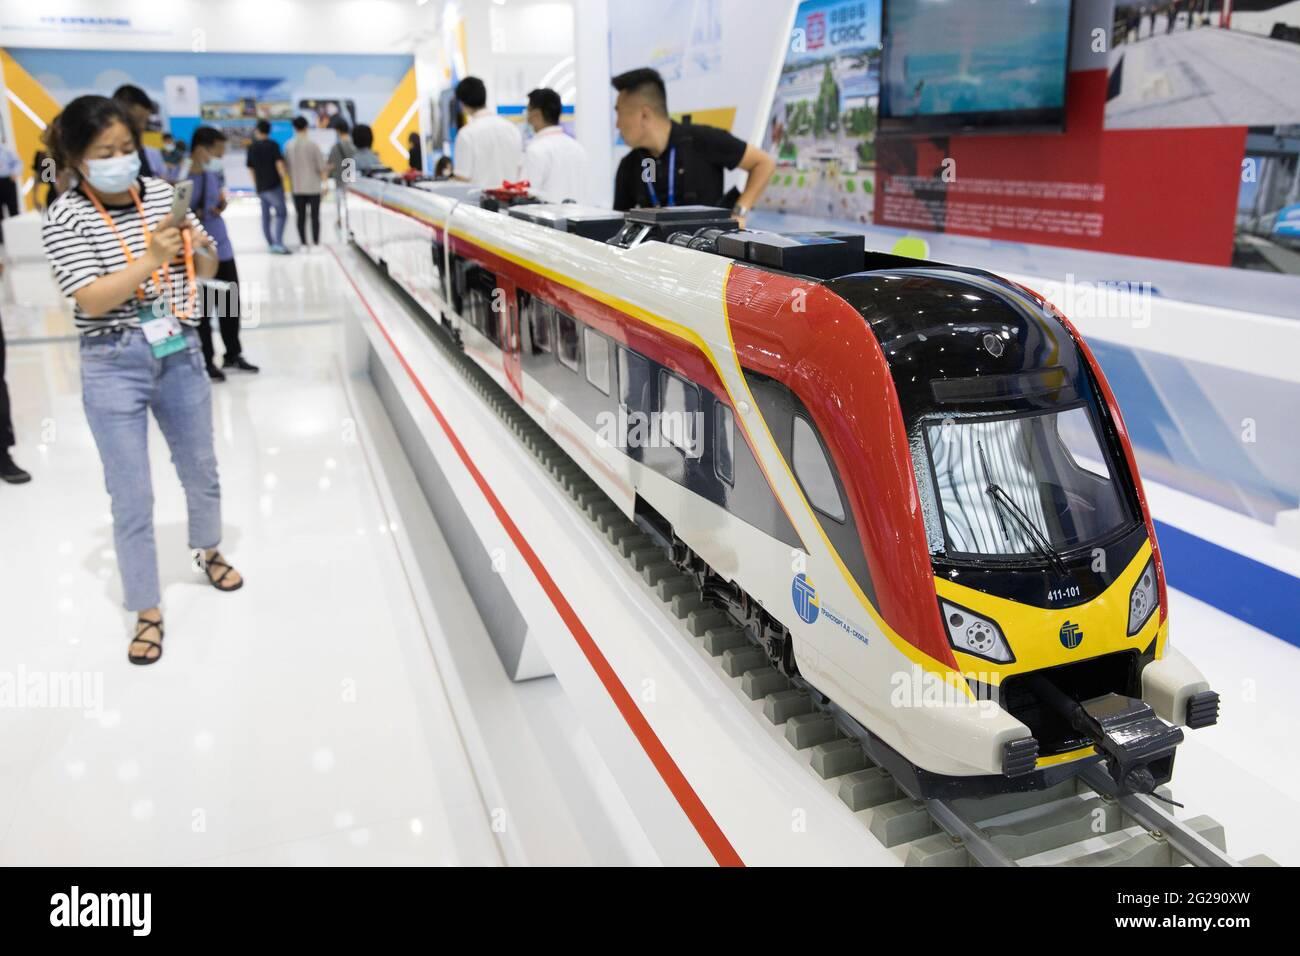 """Ningbo, provincia cinese di Zhejiang. 9 Giugno 2021. Un visitatore scatta foto di un modello di treno ad alta velocità al secondo Expo Cina-Paesi dell'Europa centrale e orientale (CEEC) a Ningbo, Provincia Zhejiang della Cina orientale, 9 giugno 2021. La fiera è stata aperta ai visitatori il mercoledì. Tema """"promuovere un nuovo paradigma di sviluppo, condividere un'opportunità vincente"""", l'esposizione mira a promuovere il commercio tra Cina e paesi dell'Europa centrale e orientale (PECO). Credit: Jin Liwang/Xinhua/Alamy Live News Foto Stock"""